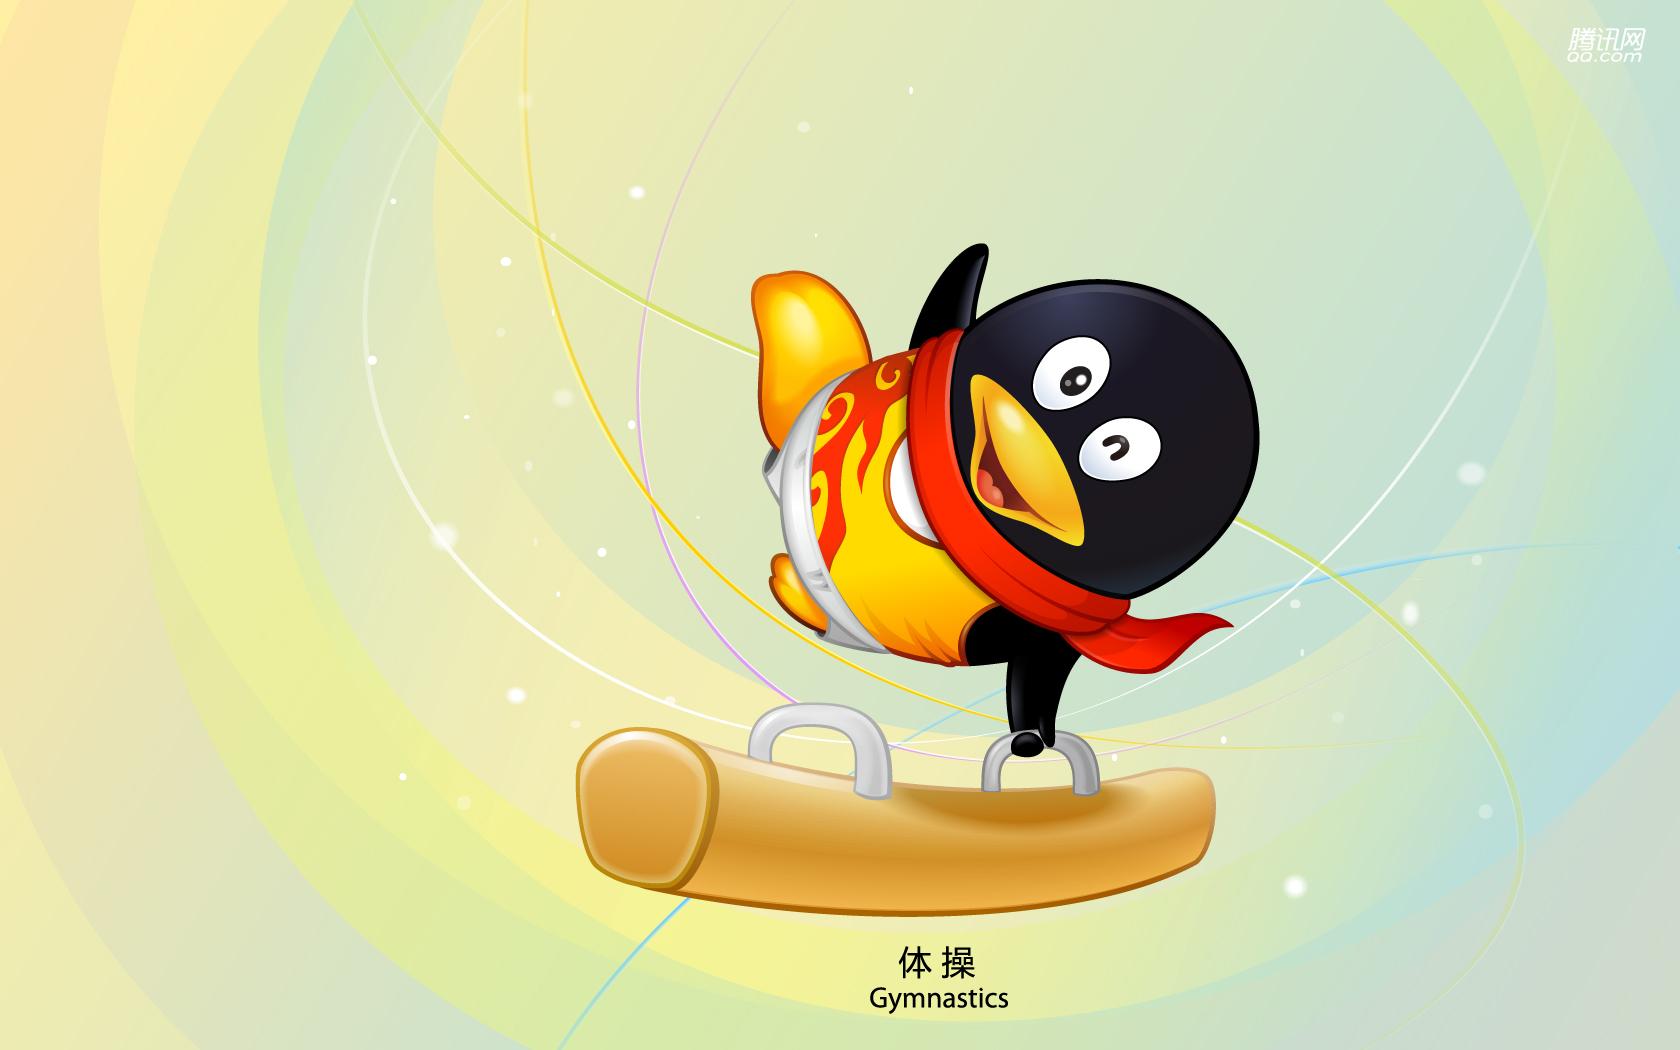 Пекин олимпиада 2008, символ, пингвин, гимнастика, скачать фото, обои для рабочего стола